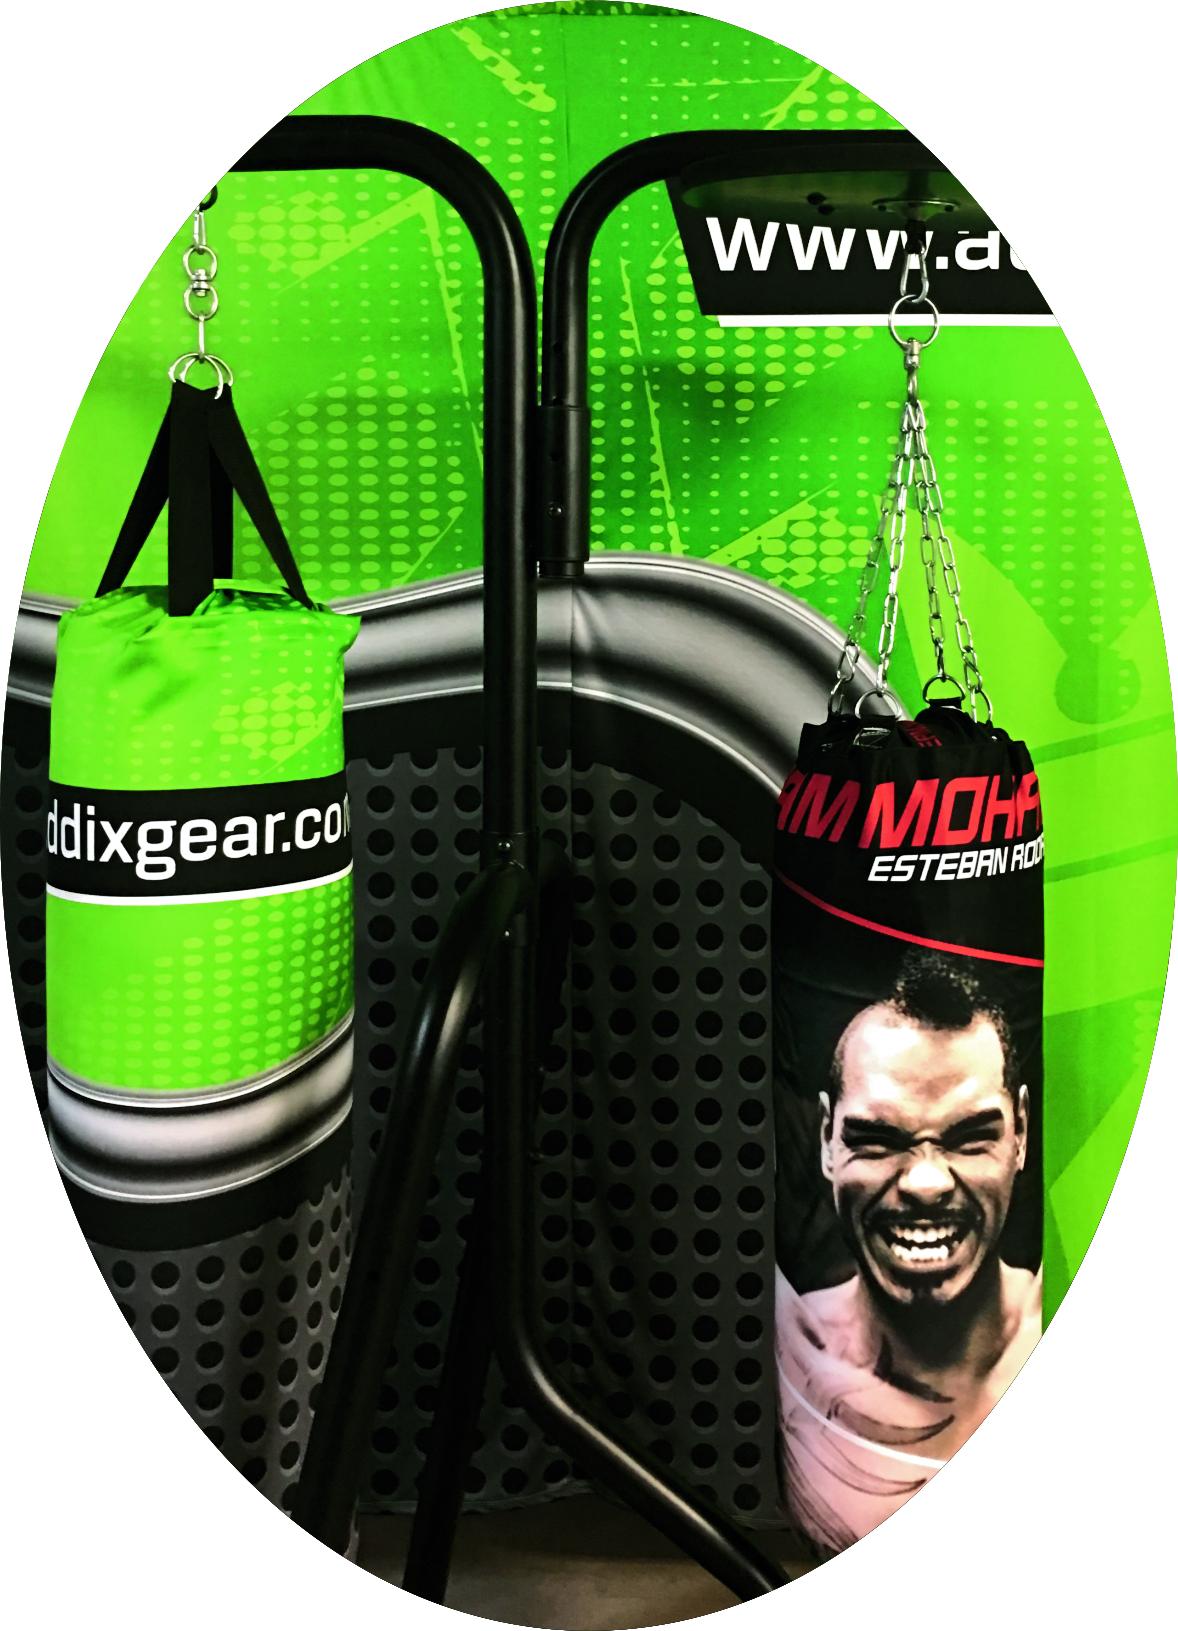 Kick4.jpg